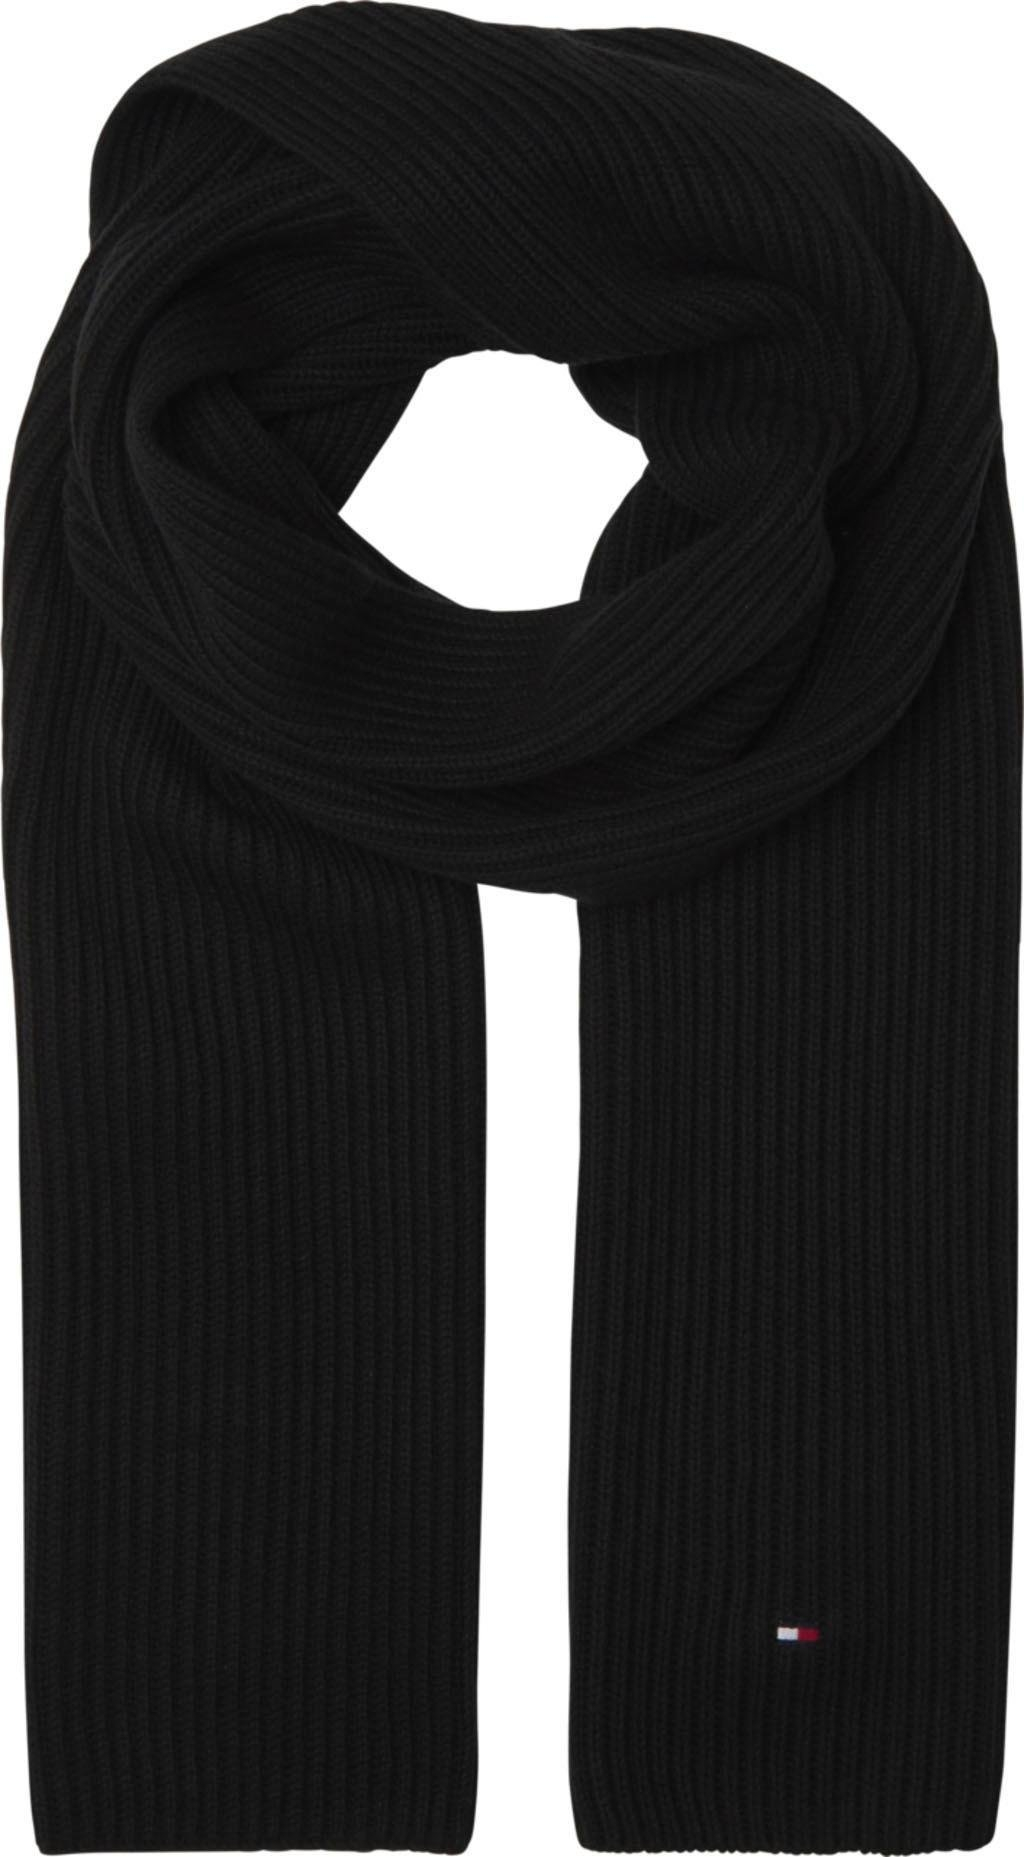 Tommy Hilfiger gebreide sjaal voordelig en veilig online kopen